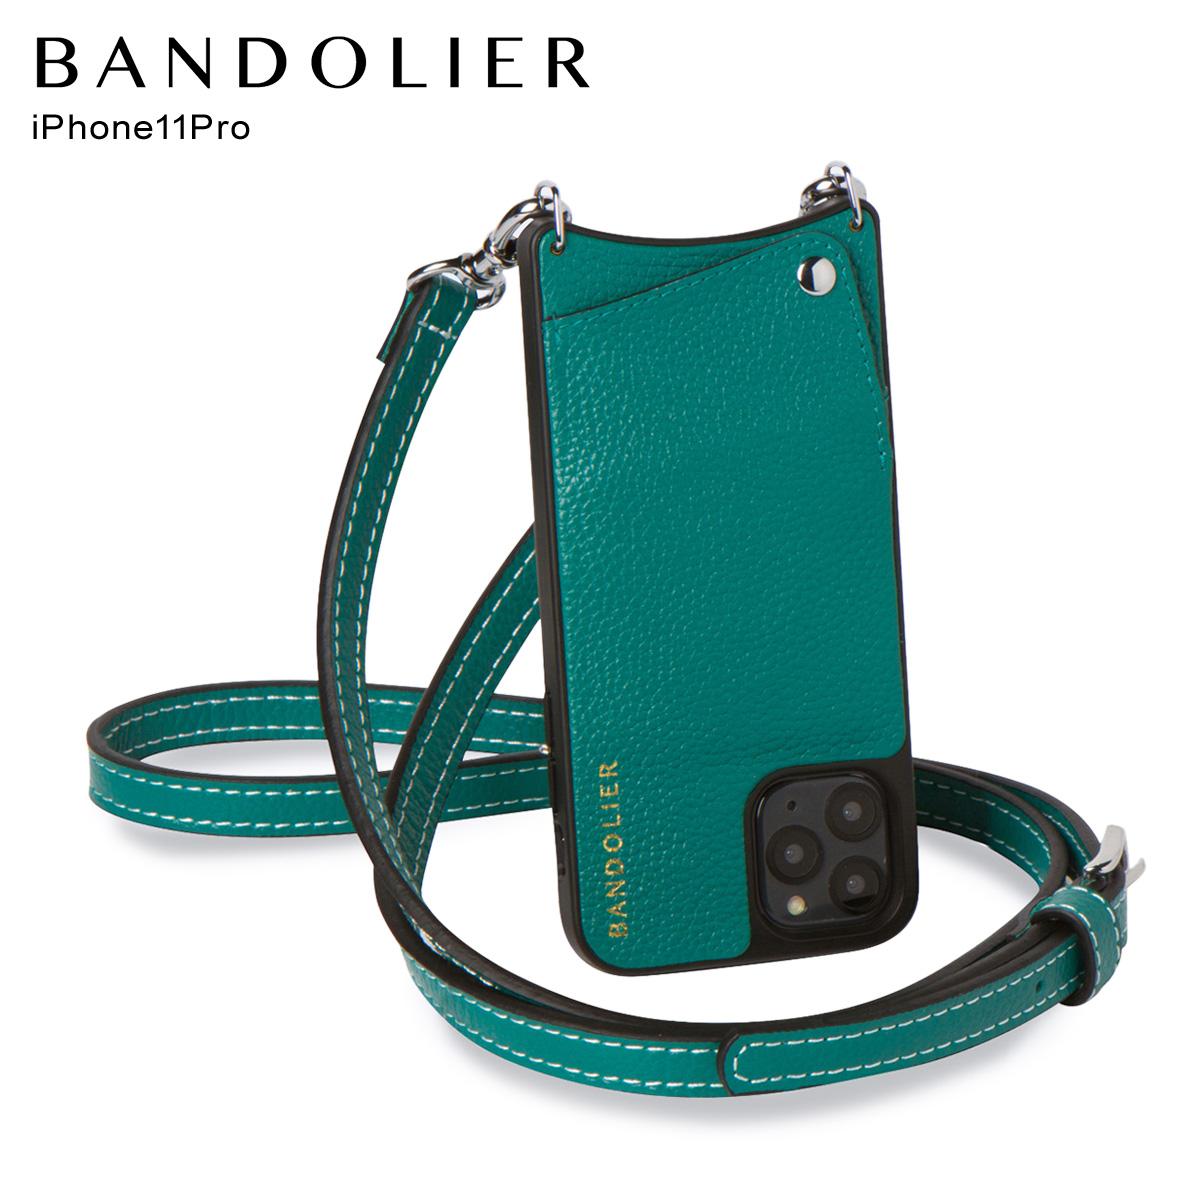 バンドリヤー BANDOLIER iPhone11 Pro ケース スマホ 携帯 ショルダー アイフォン ケイシー メンズ レディース CASEY グリーン 10CAS [4/13 新入荷]